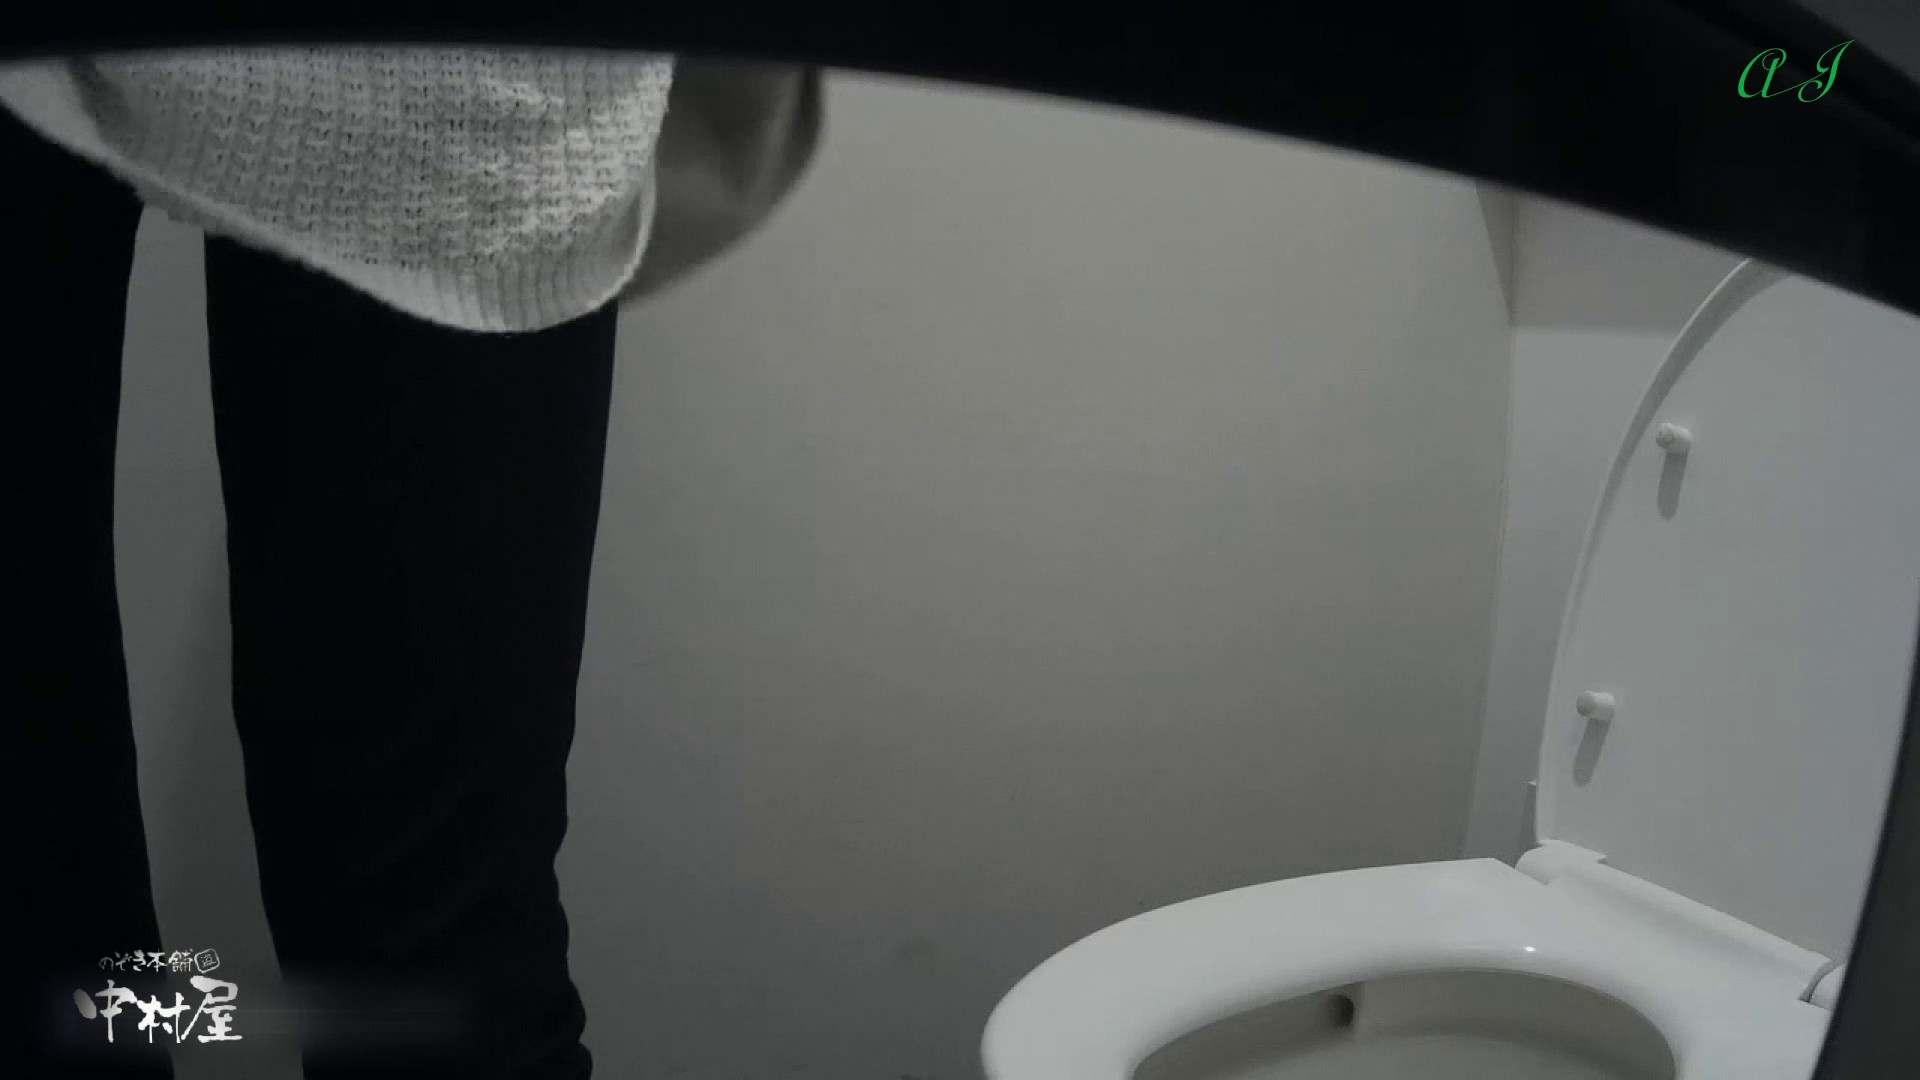 有名大学女性洗面所 vol.82 前編 洗面所編 のぞき動画キャプチャ 91PIX 89